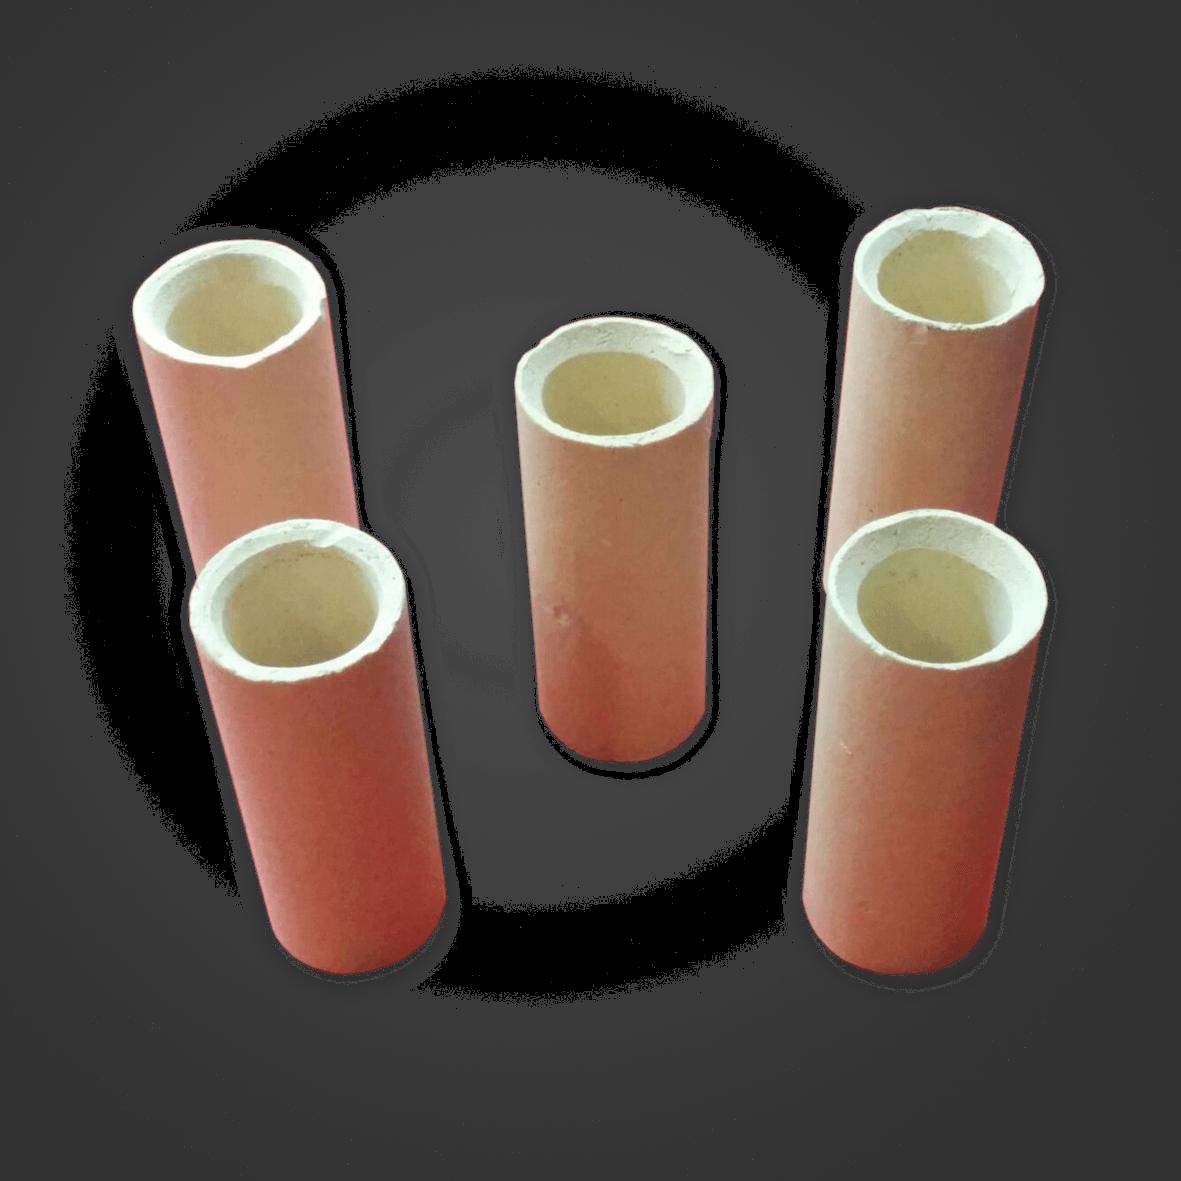 Ceramic Products Ceramic Tubes Ceramic Bush In Mumbai